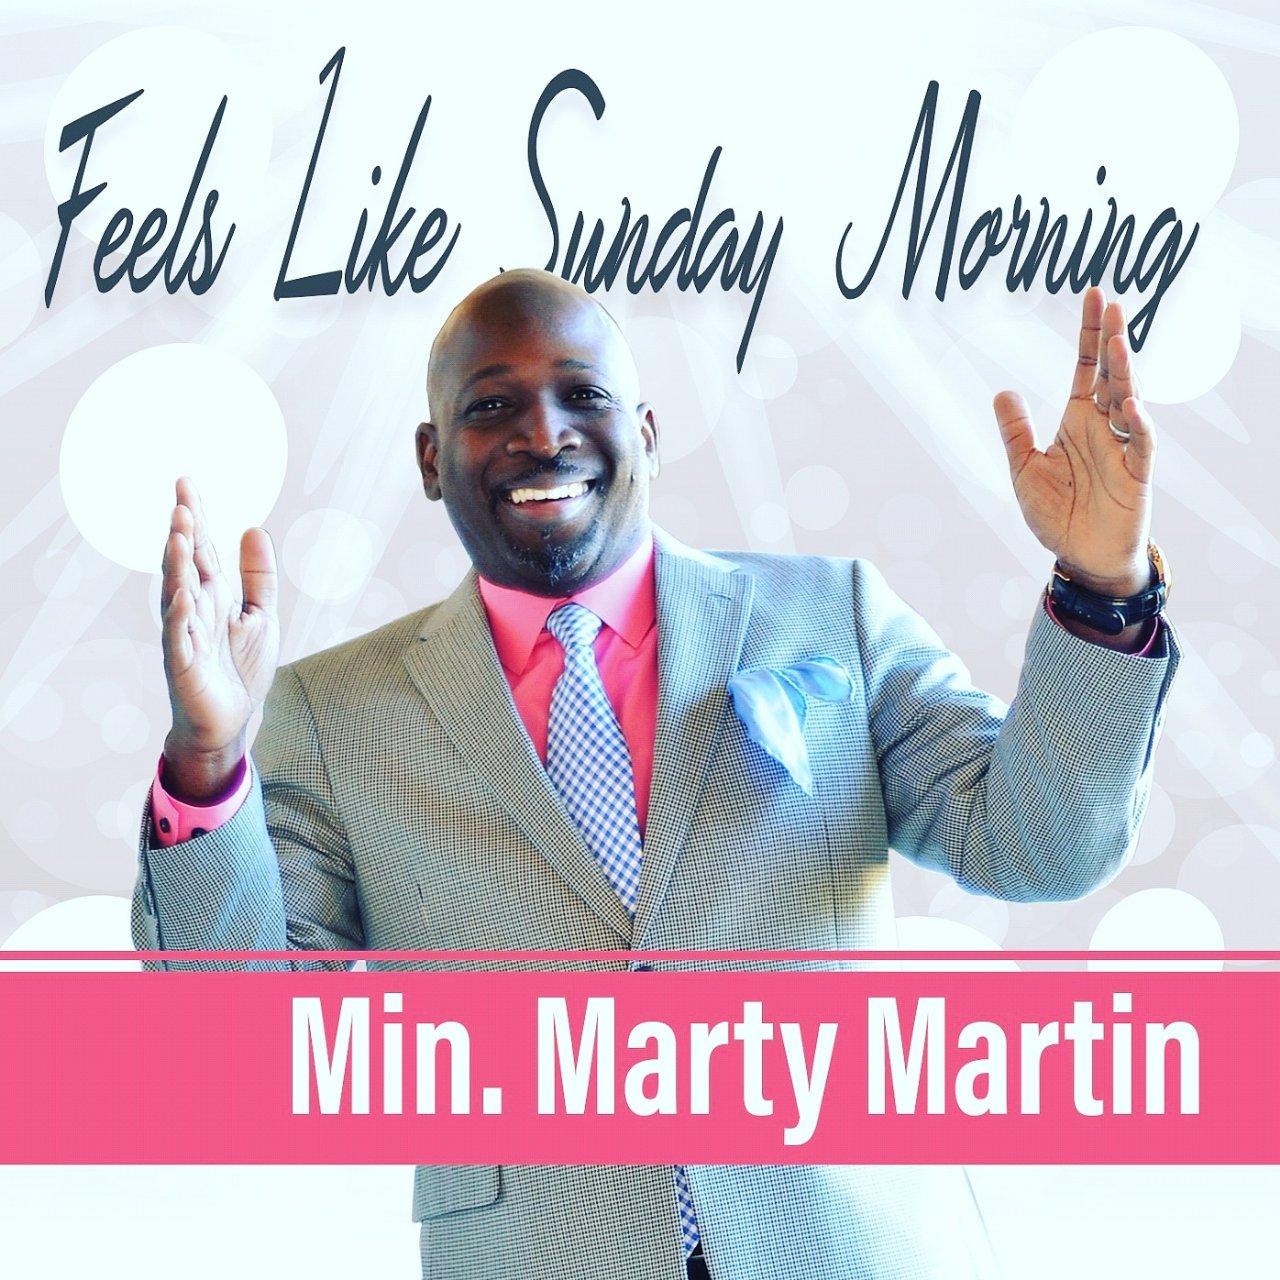 Min. Marty Martin - Feels Like Sunday Morning